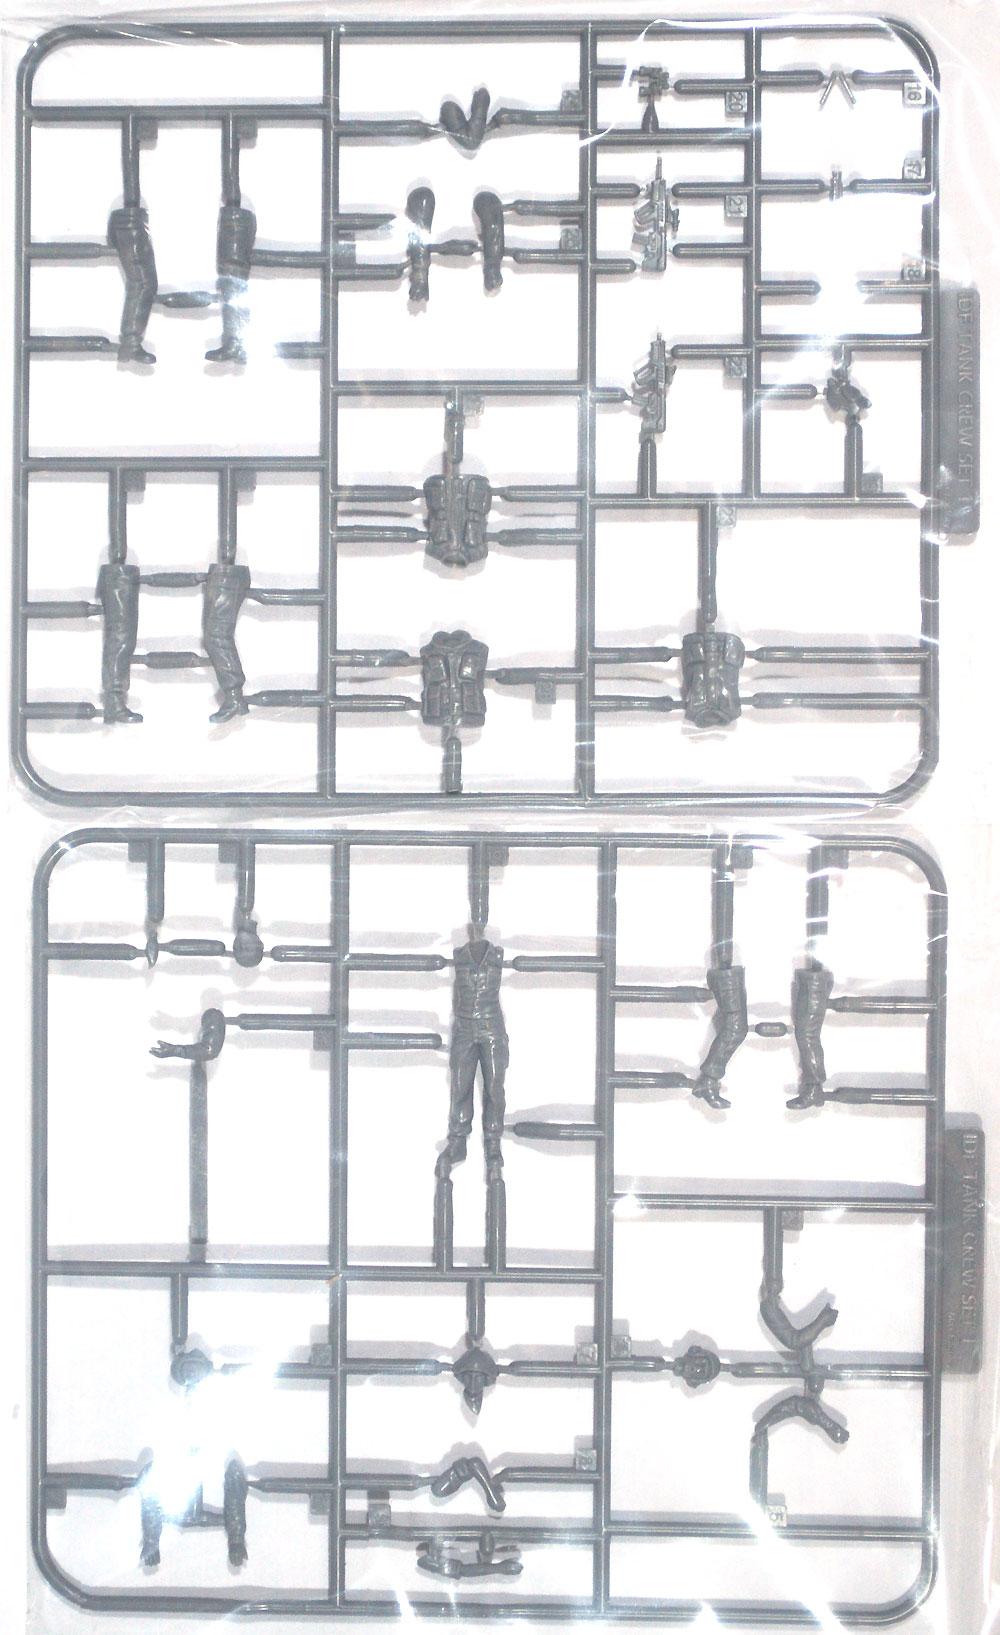 イスラエル 国防軍 タンククルーセット 1プラモデル(マックスファクトリーPLAMAXNo.35-002)商品画像_1